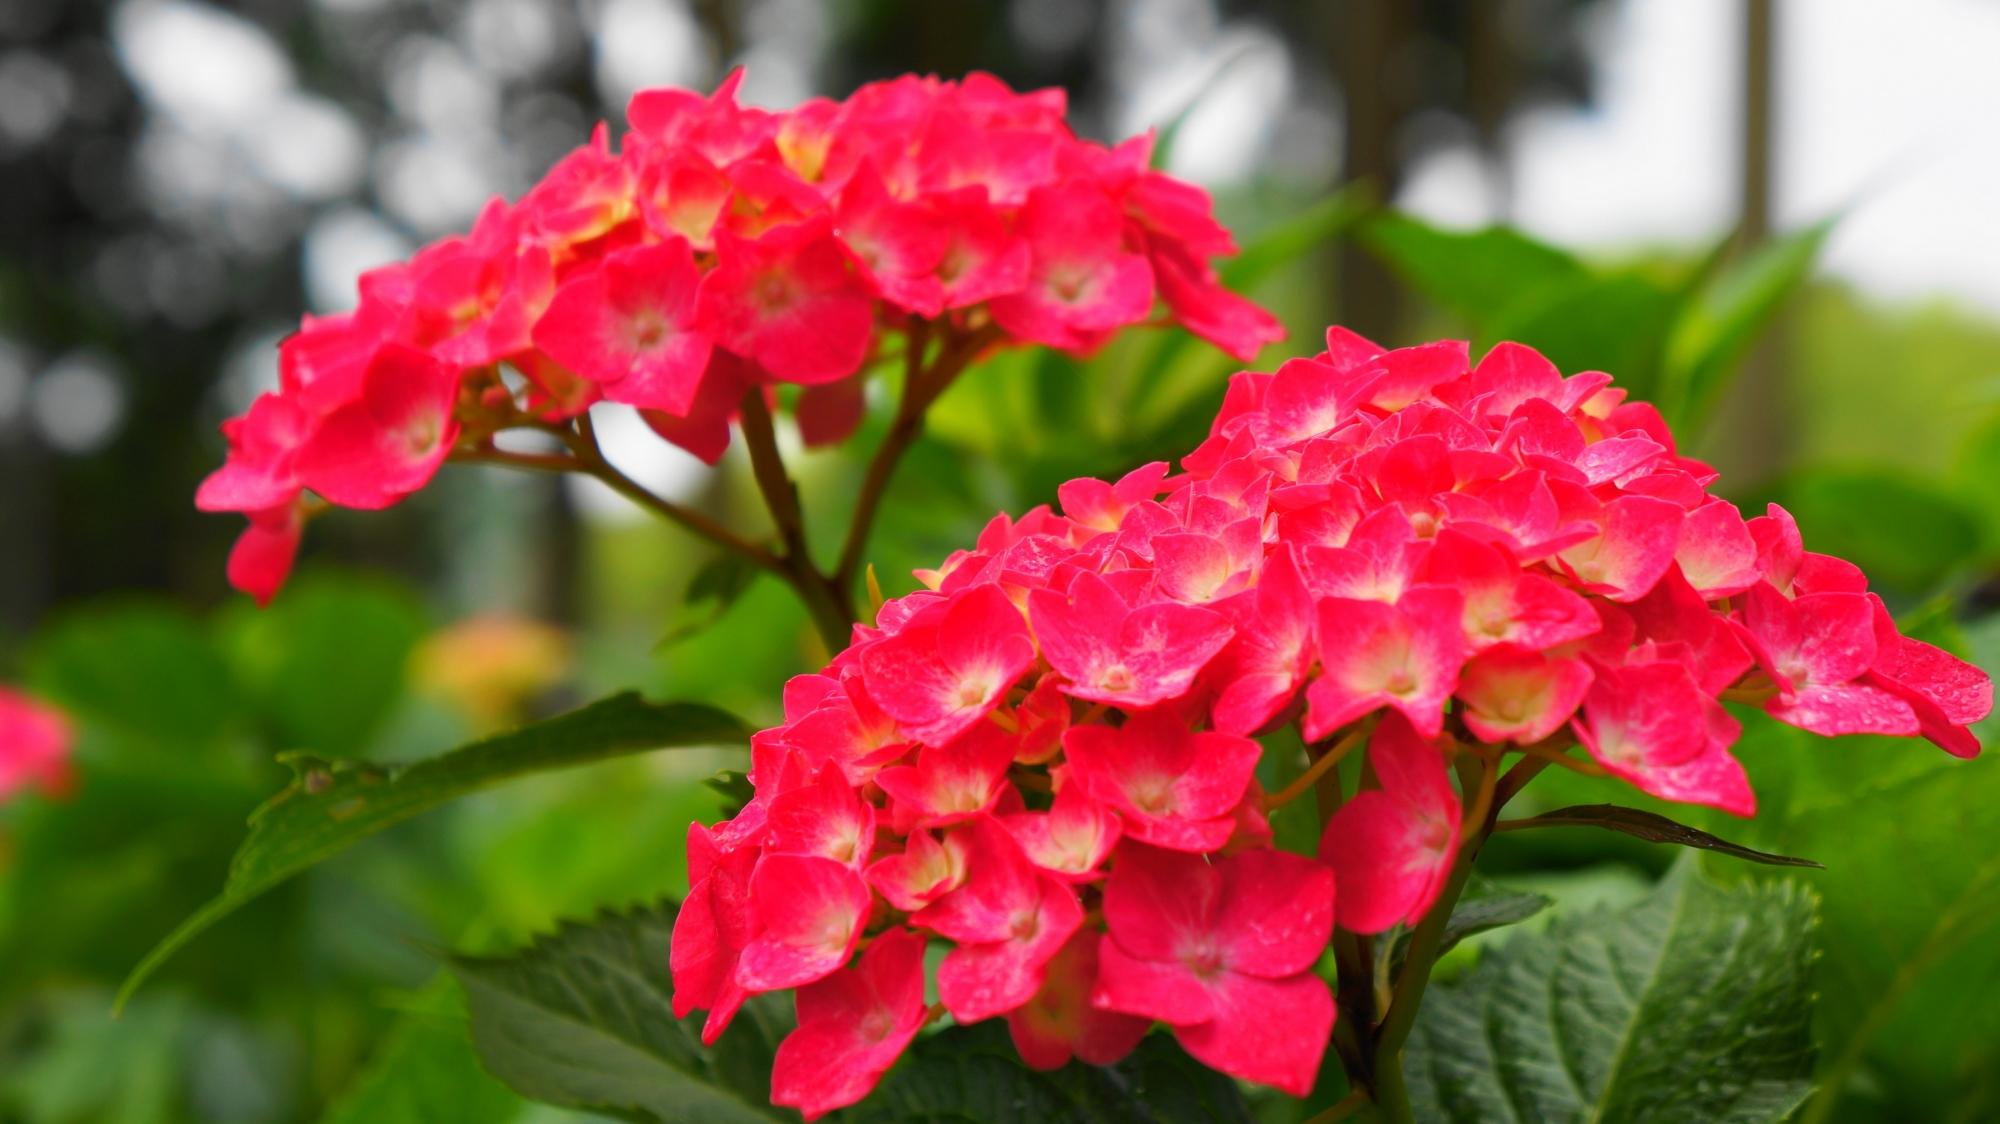 三室戸寺の鮮烈な色合いの赤に近い濃いピンクの紫陽花